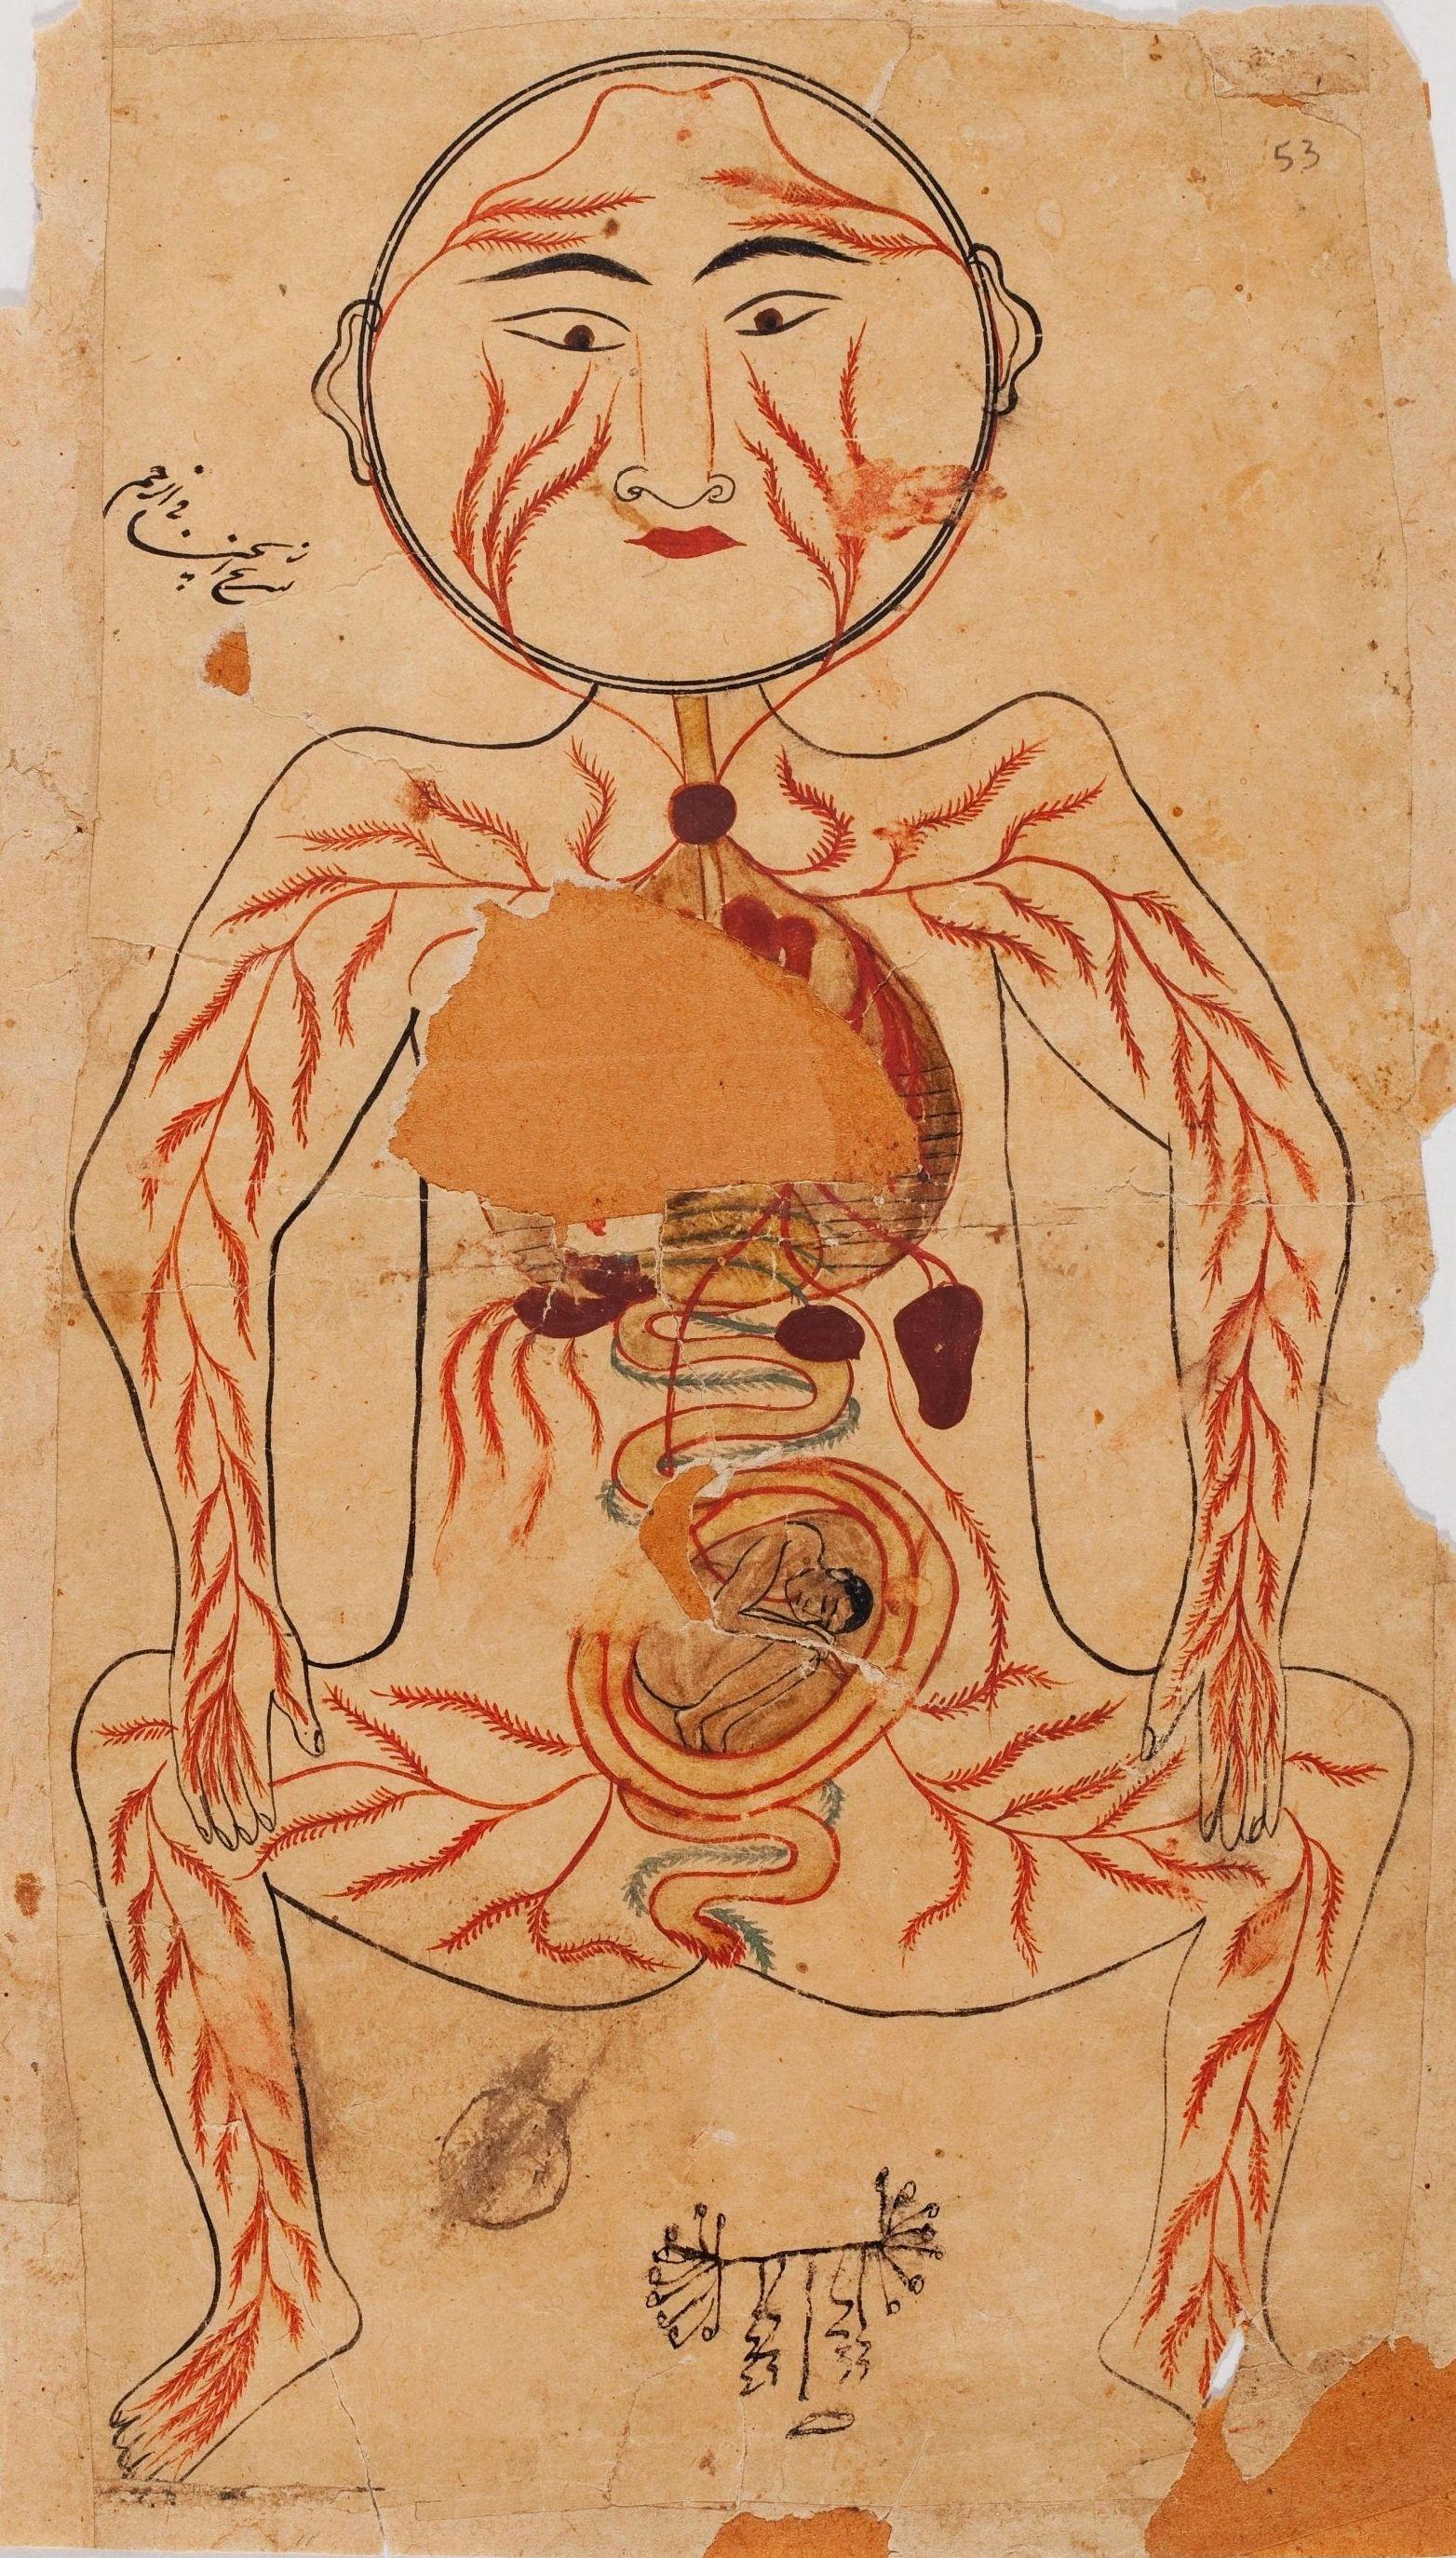 Anatomia 2: CATALOGO de Quadrocomio La Casa de los Cuadros desde 1968